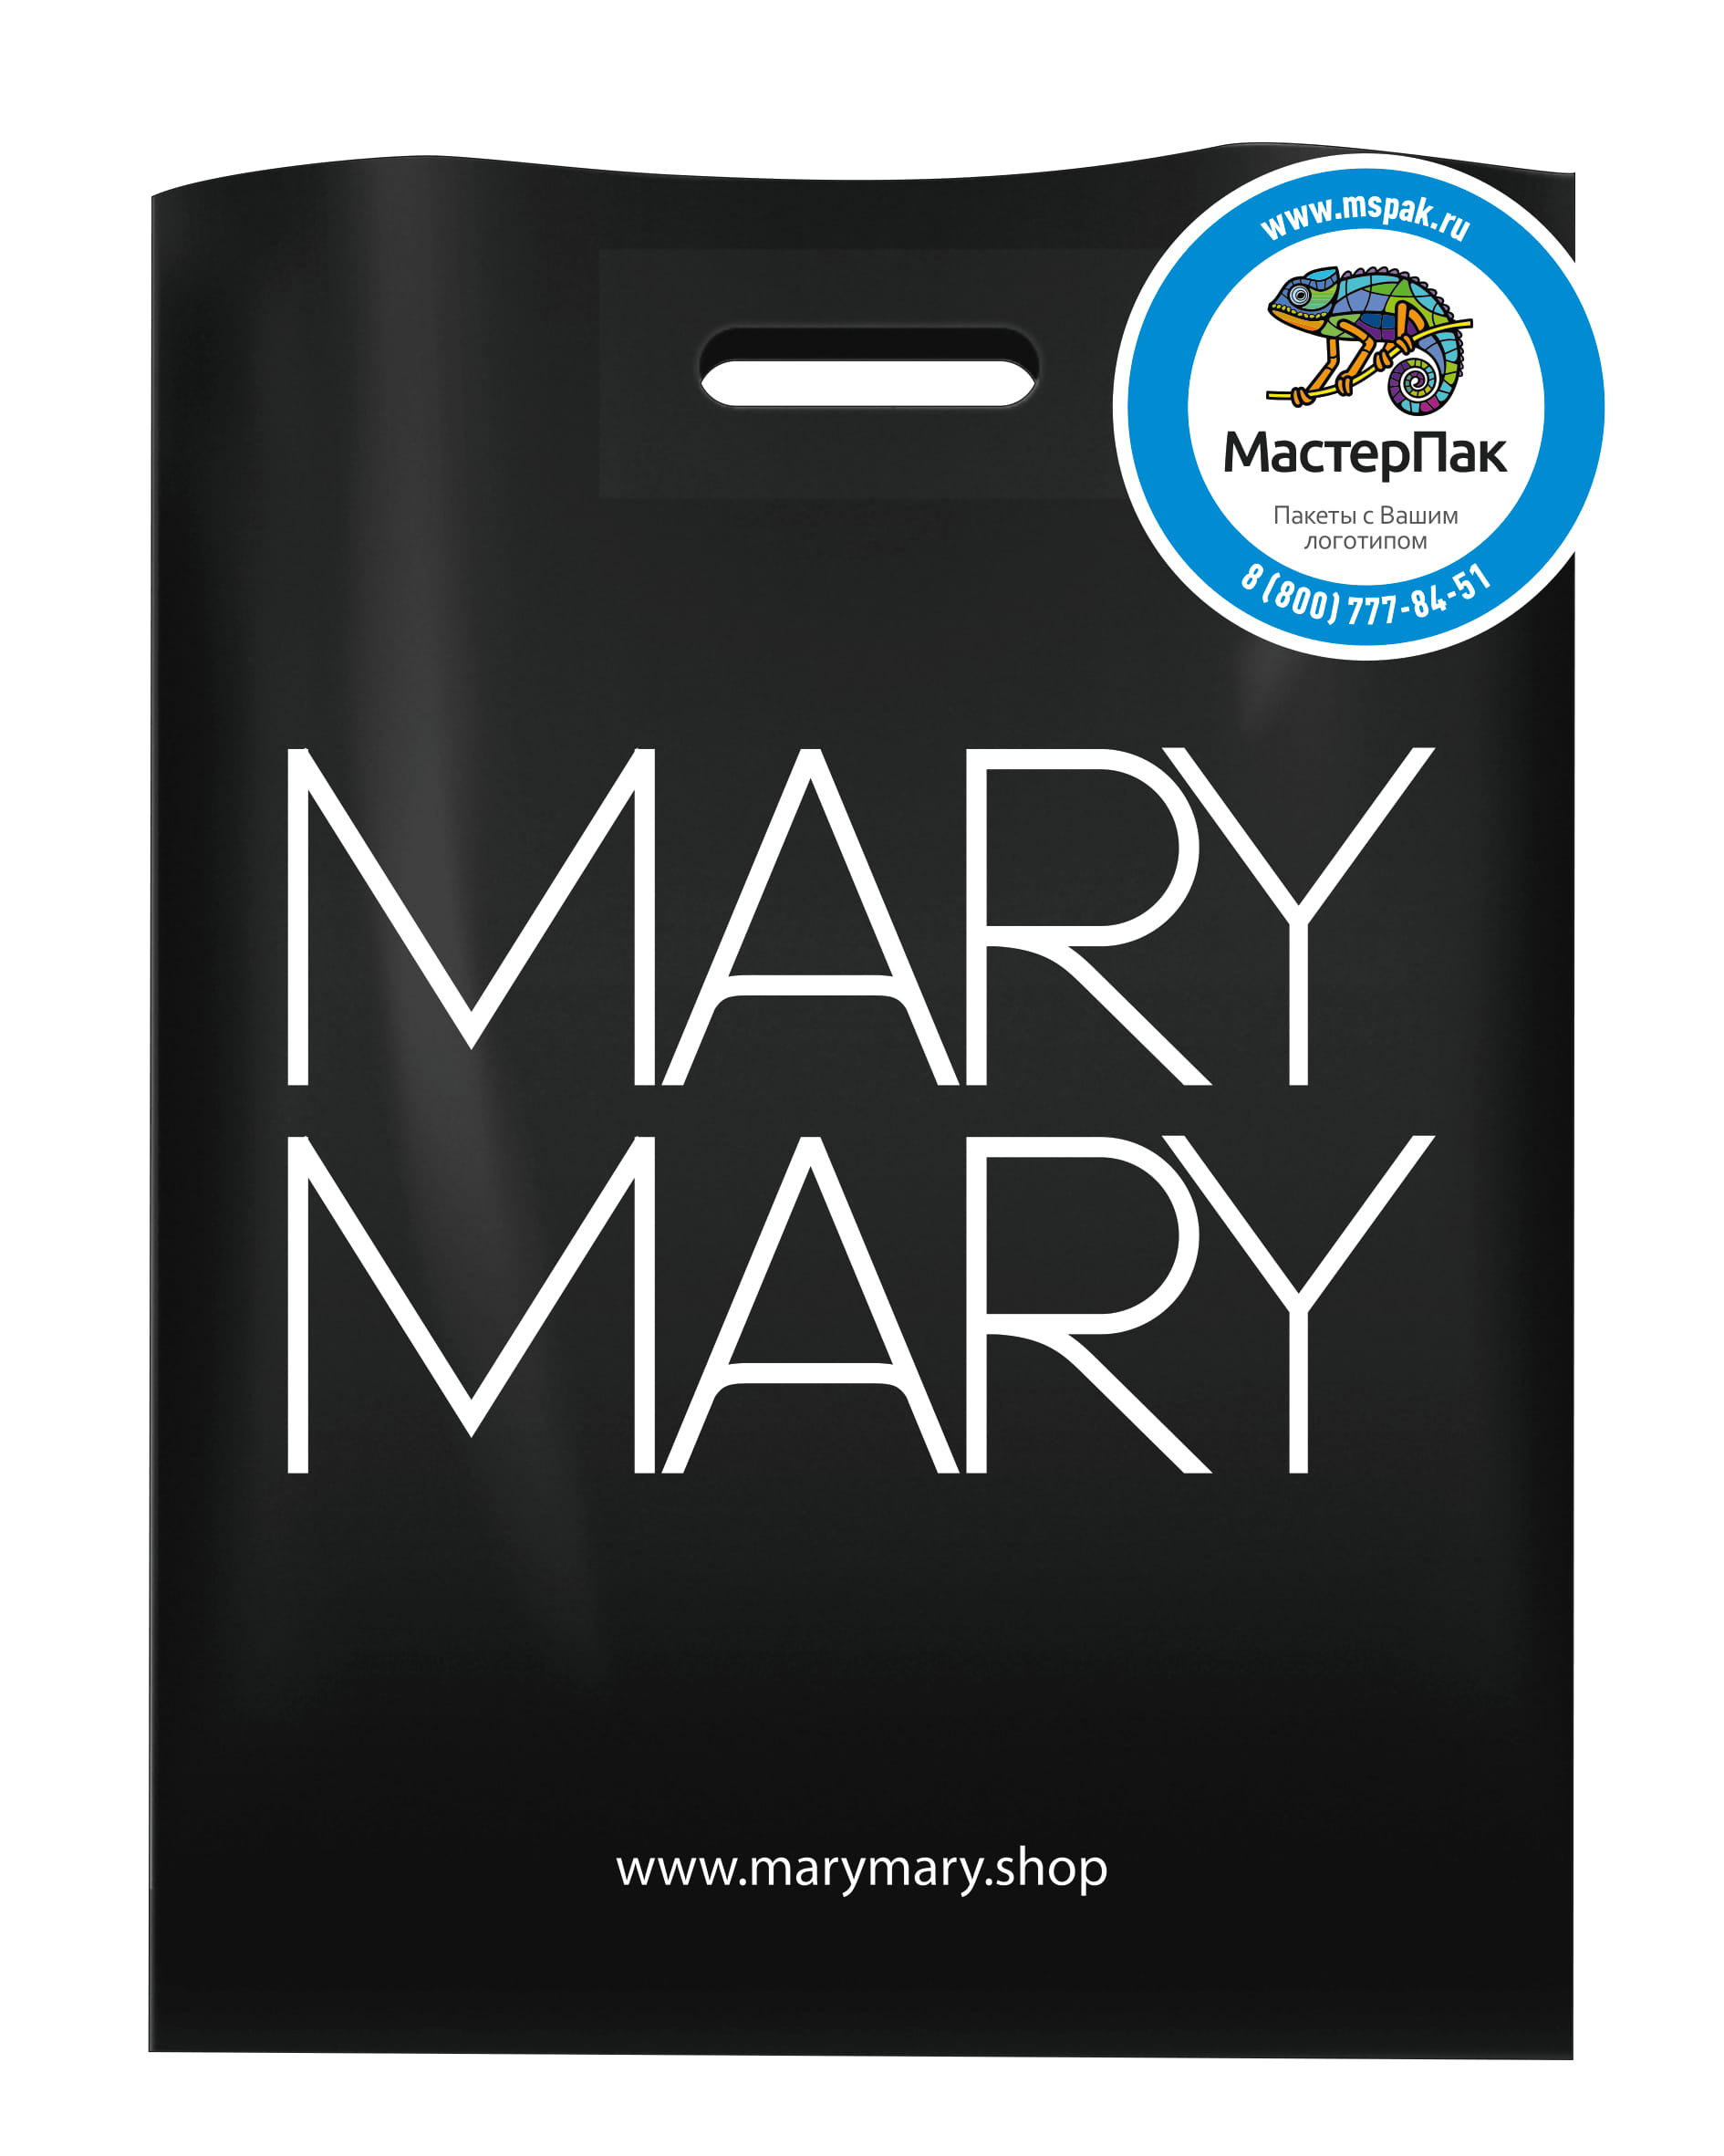 Пакет ПВД с логотипом магазина MaryMary, Москва